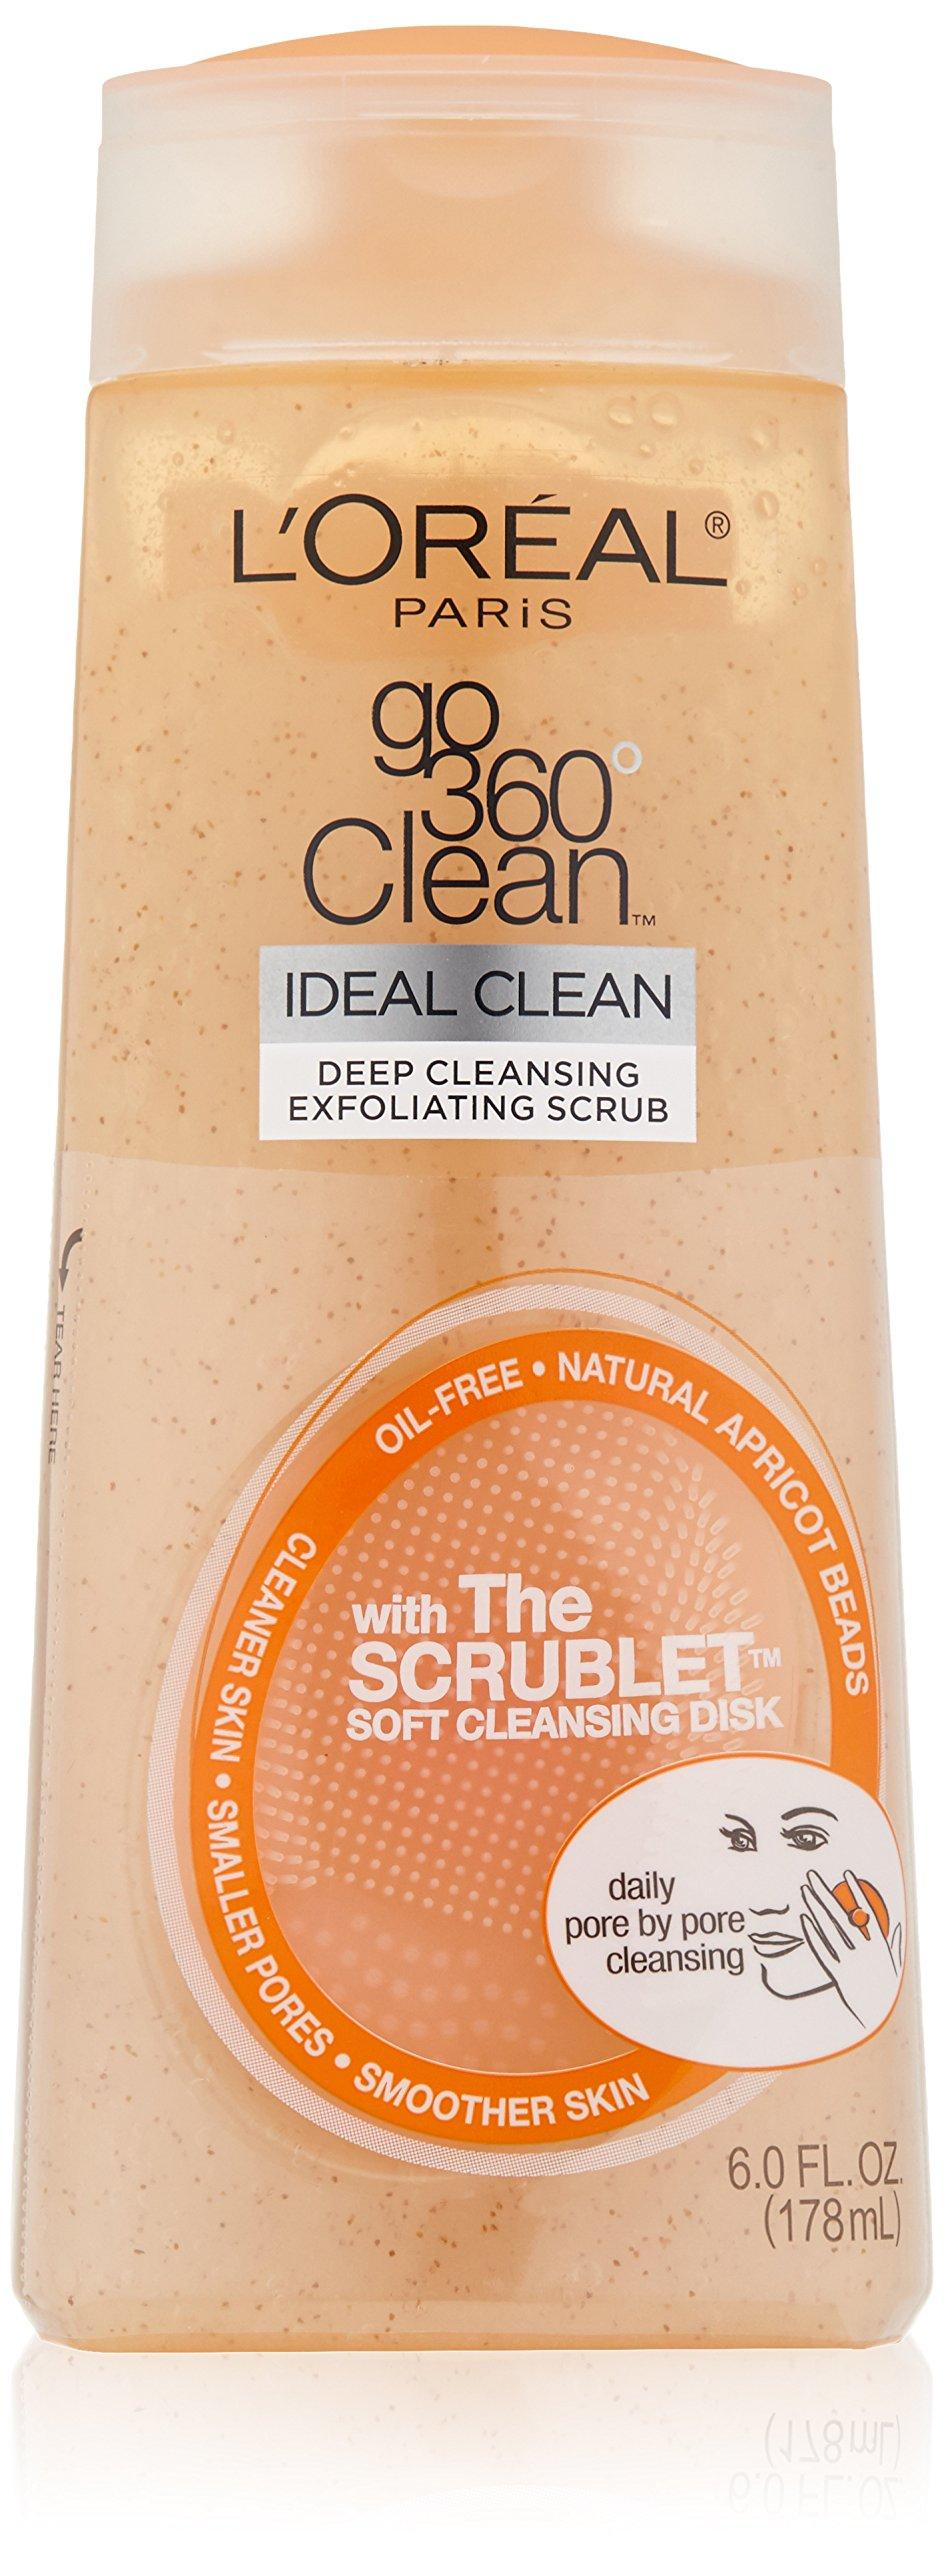 L'Oreal Paris Go 360 Clean, Deep Cleansing Exfoliating Facial Scrub, 6.0 Ounce